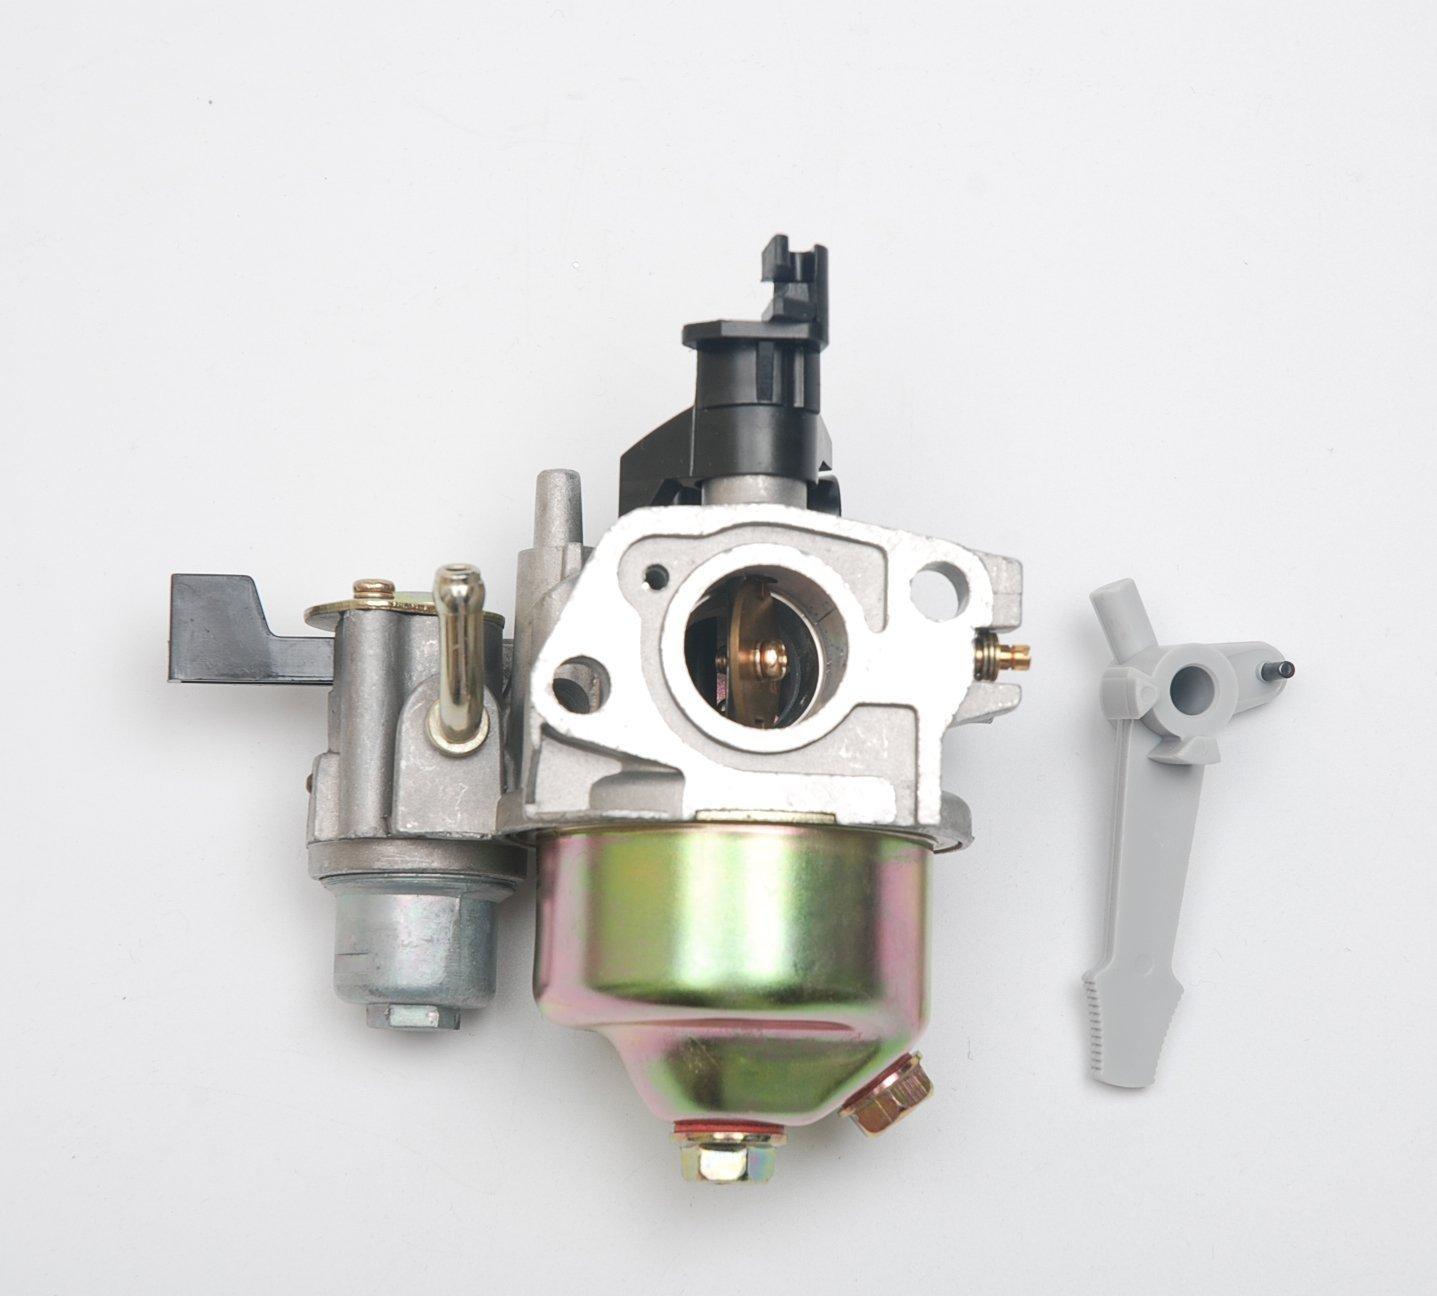 Beehive Filter Ersetzen Vergaser fü r Harbor Freight Greyhound 196CC 6.5HP Lifan Gas Engine - 66014 66015 Carb